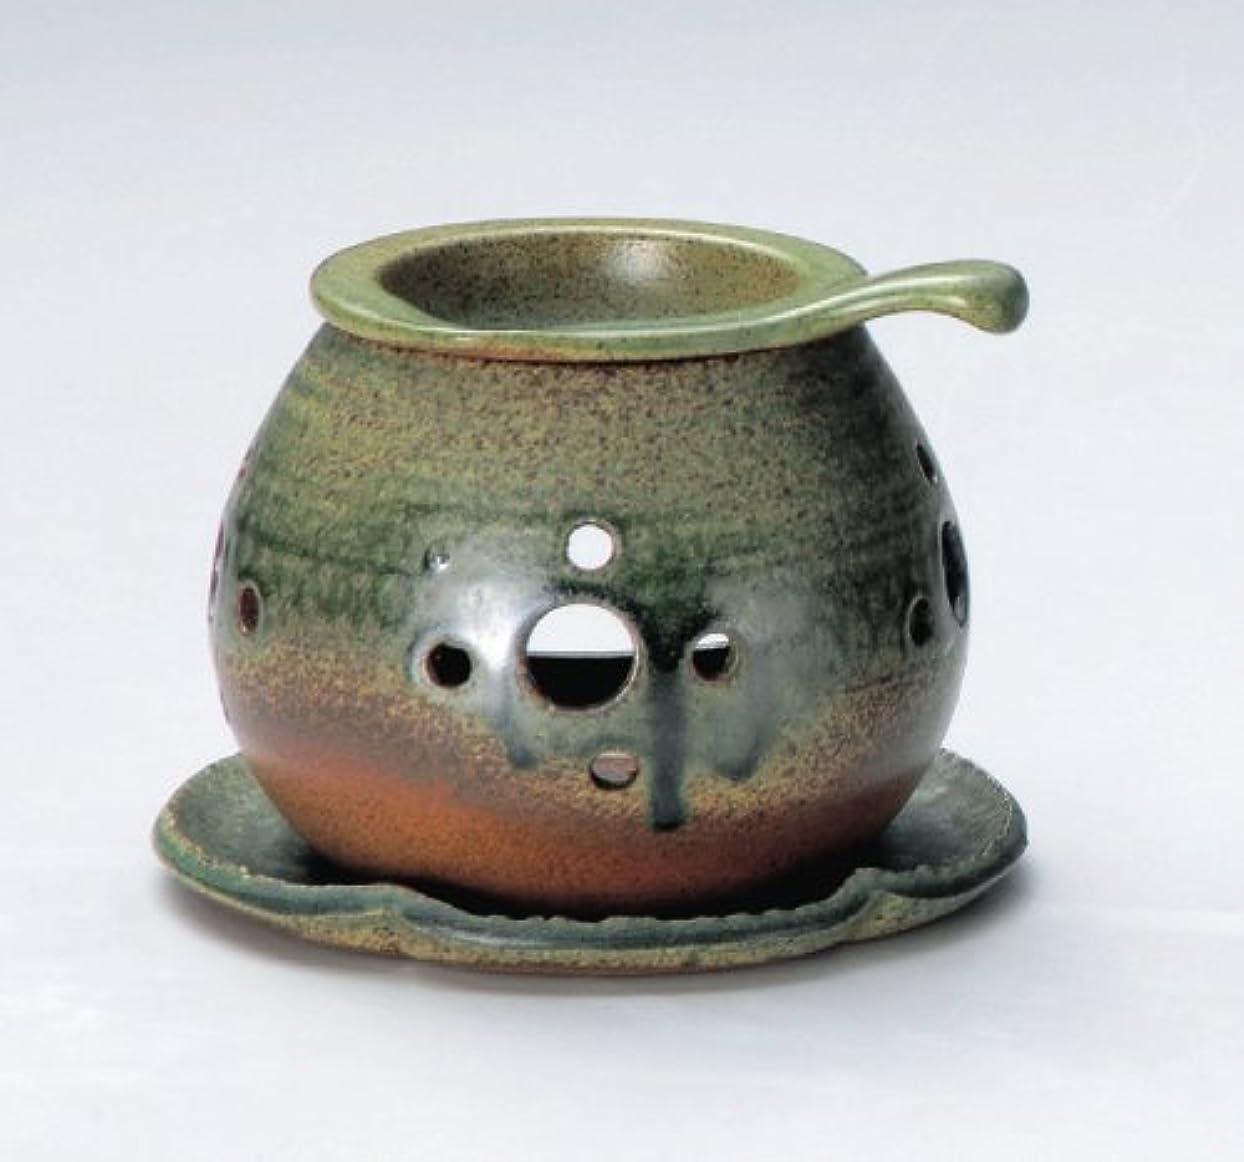 組み合わせ疑いそこ【常滑焼】行宮 灰釉丸形茶香炉 灰釉丸形 φ13.5×H10.5㎝ 3-824